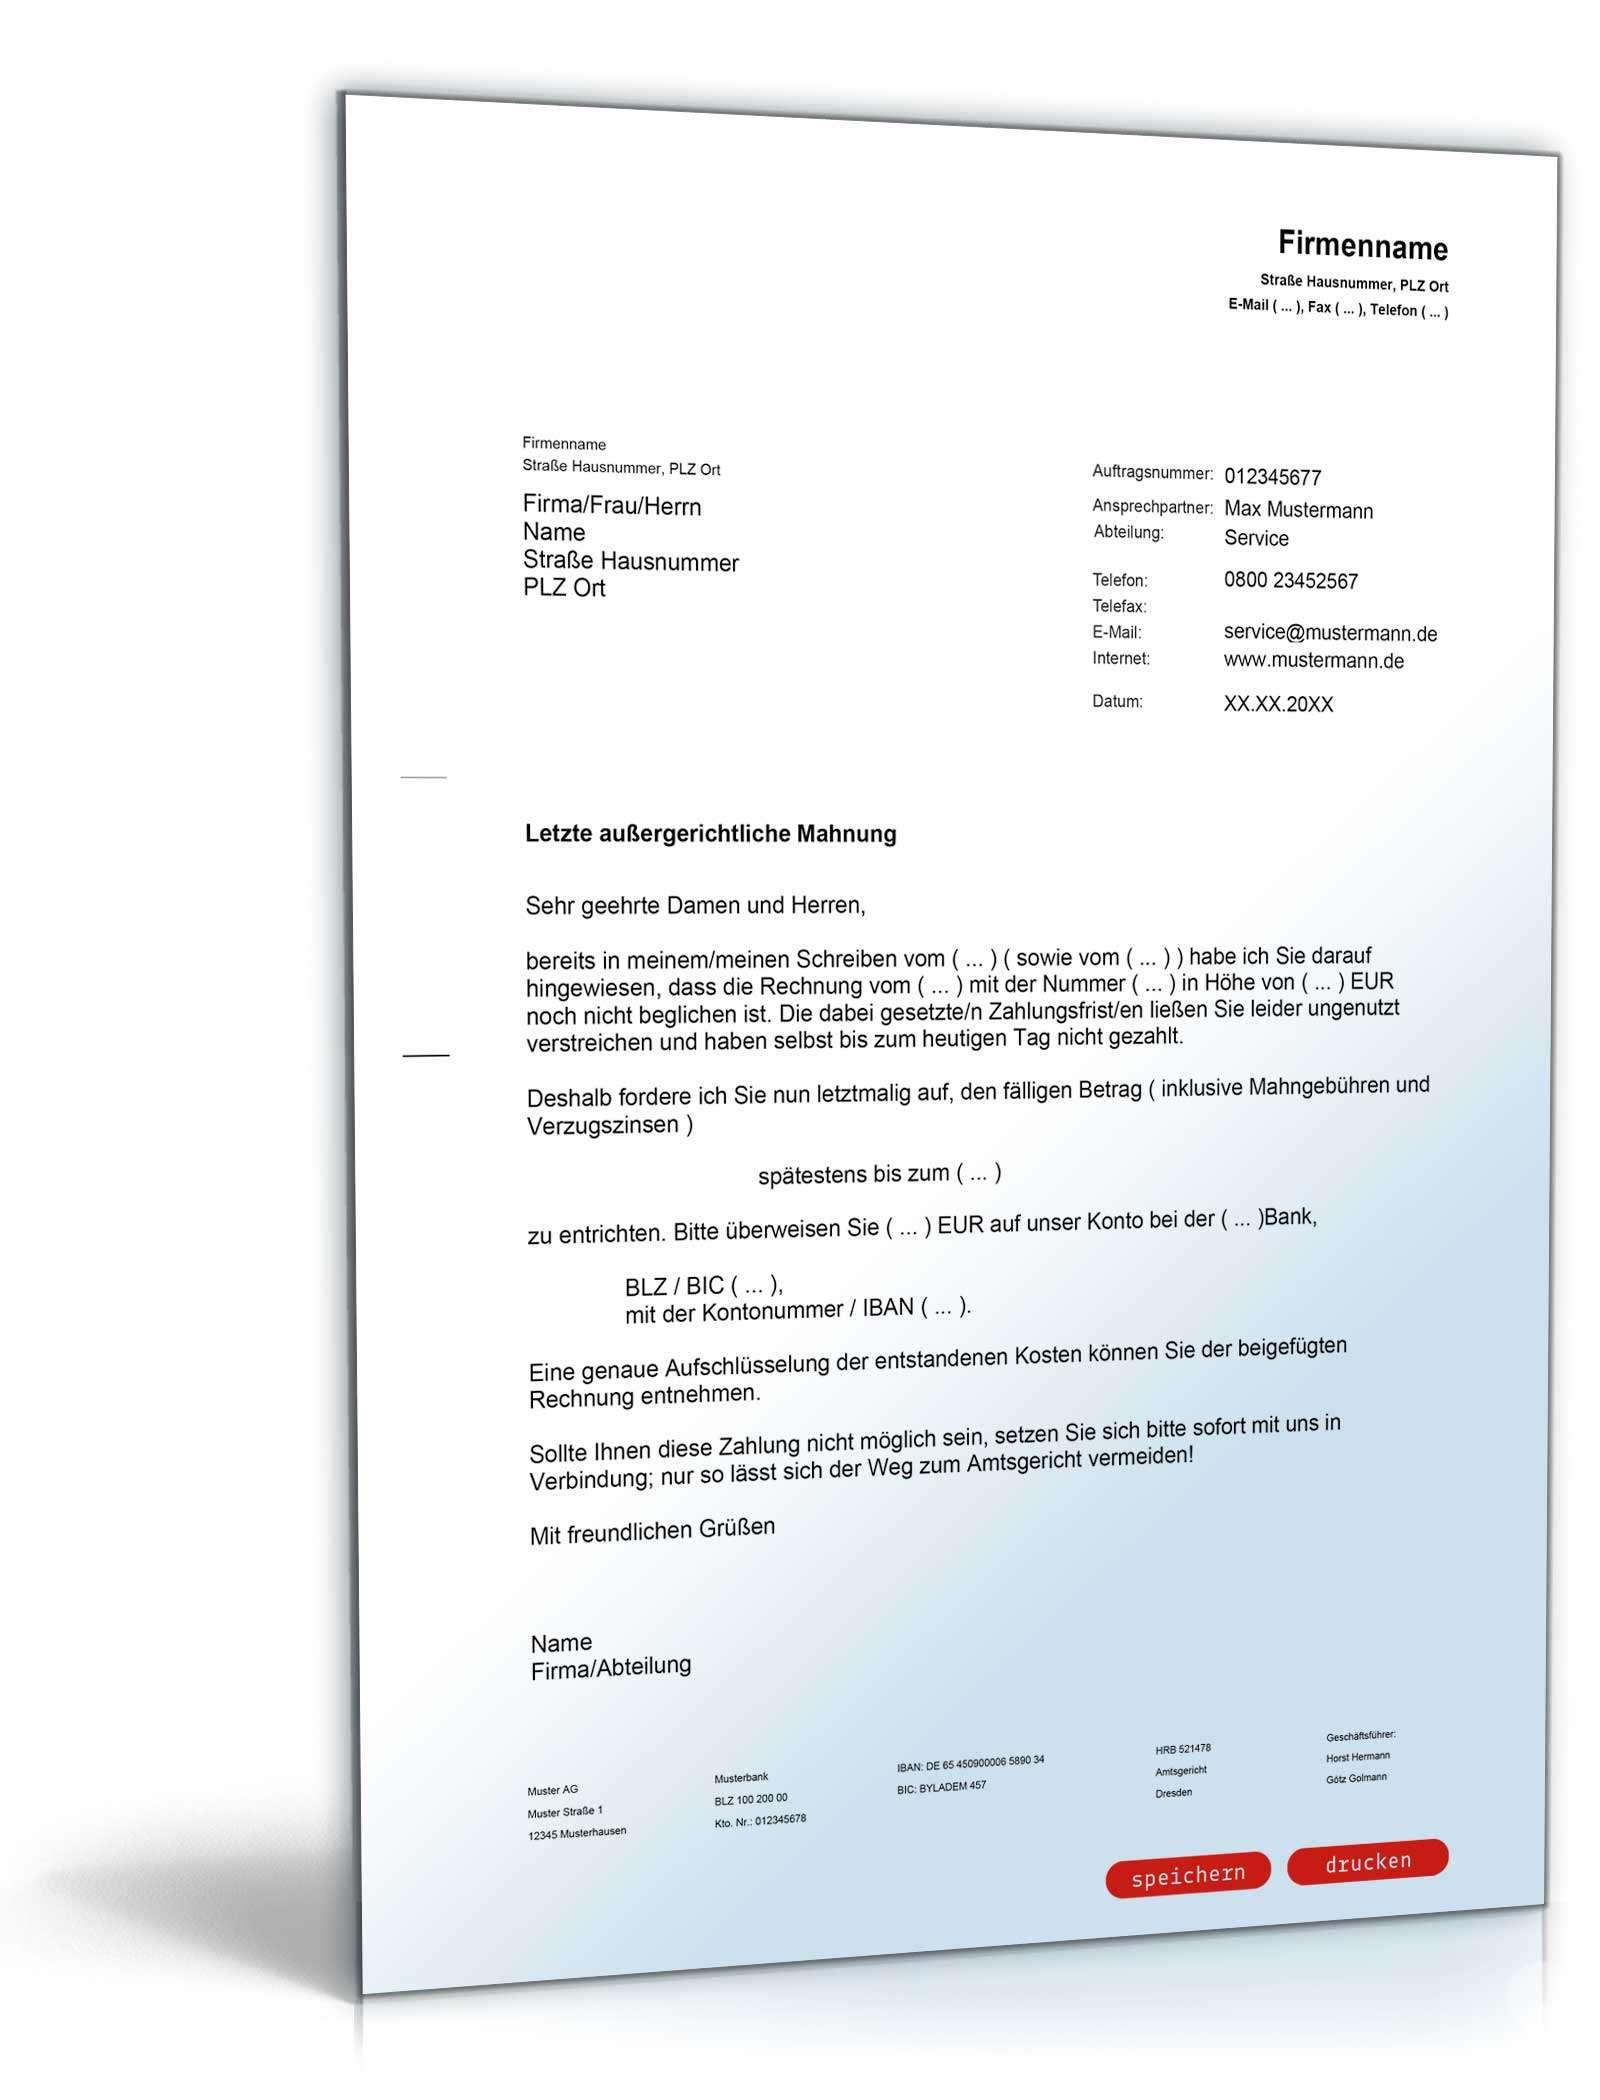 Vorlagen Paket Aufforderungen Mahnungen Vorlagen Zum Download